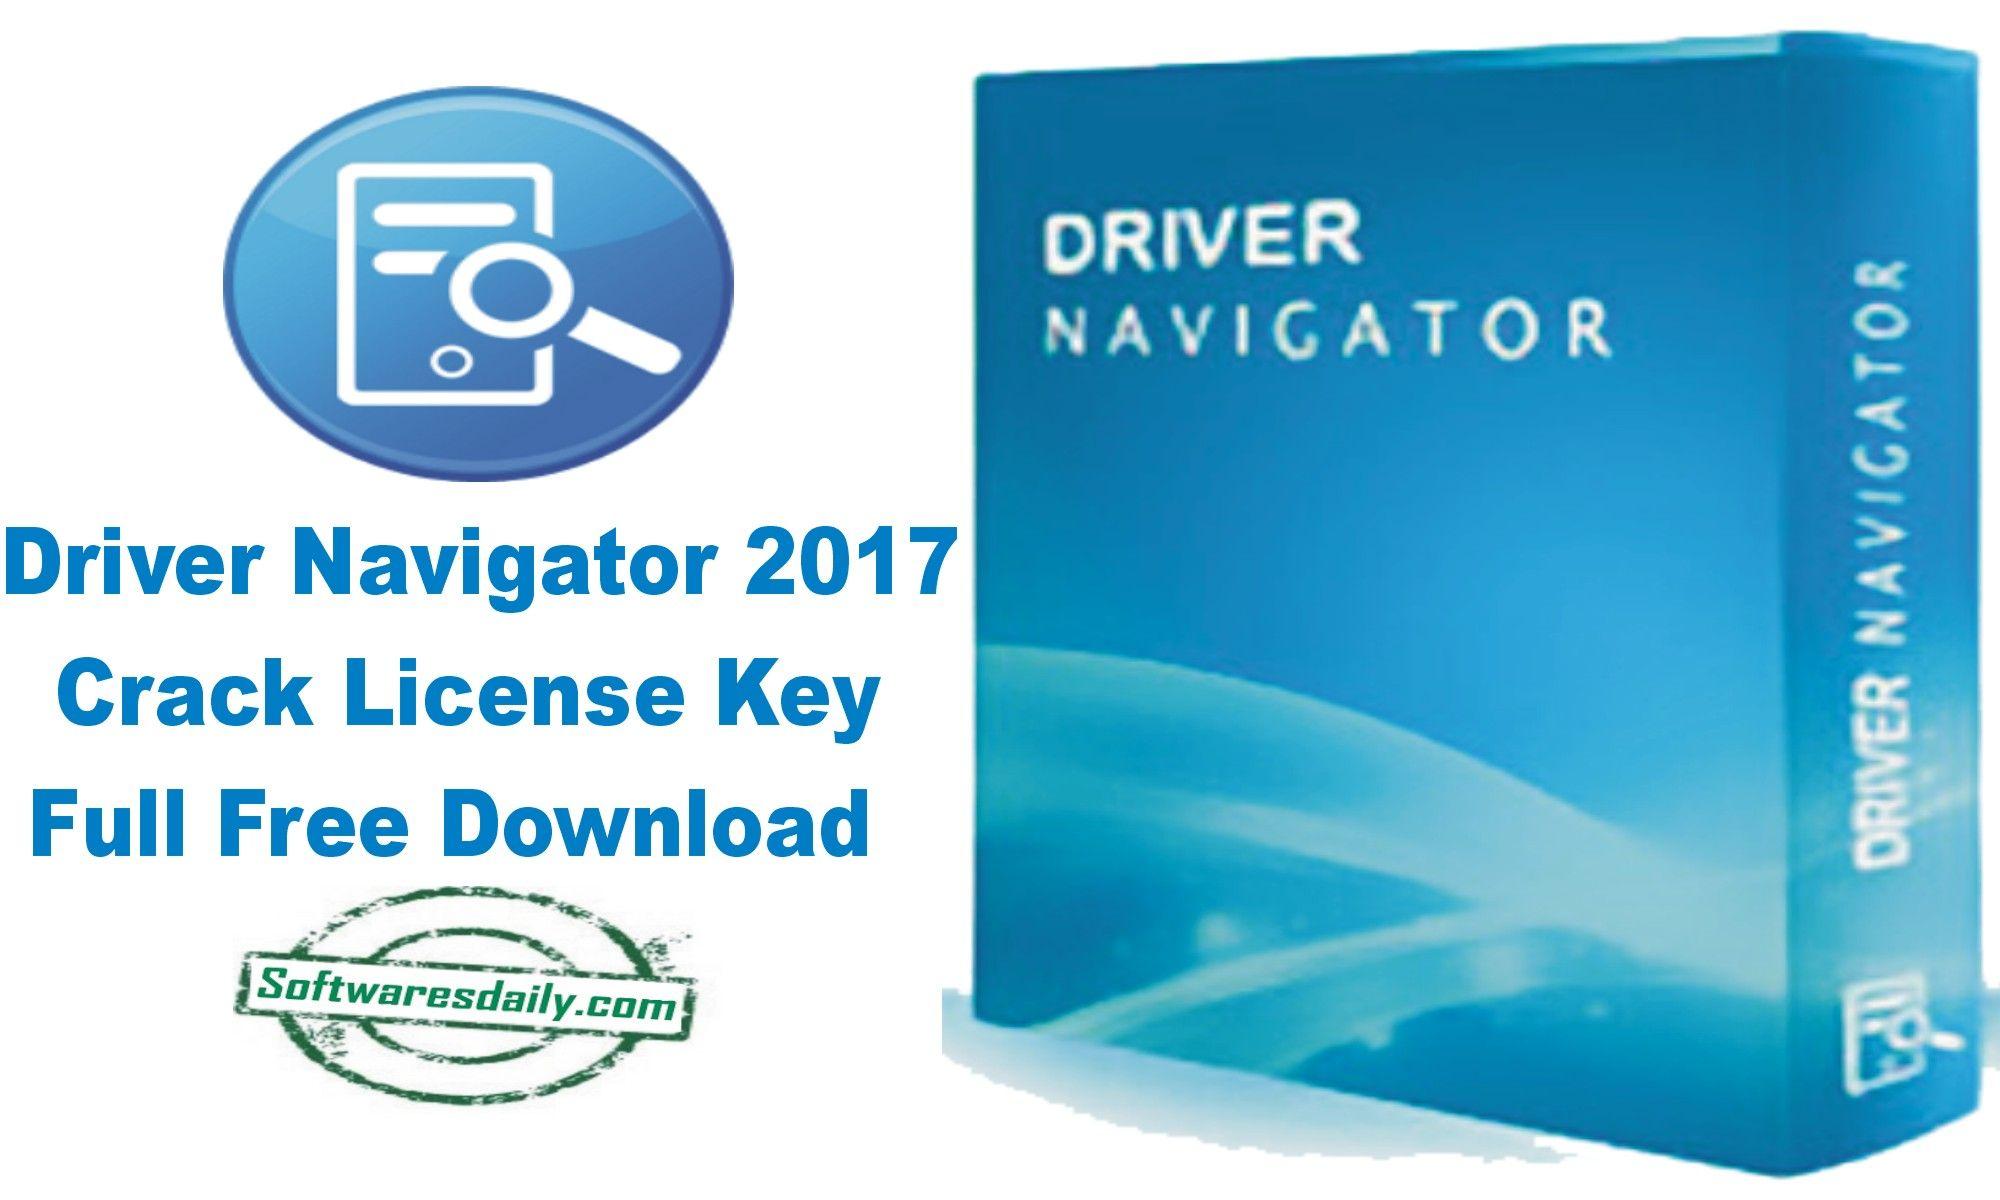 2013 driver navigator license key keygen crack free download